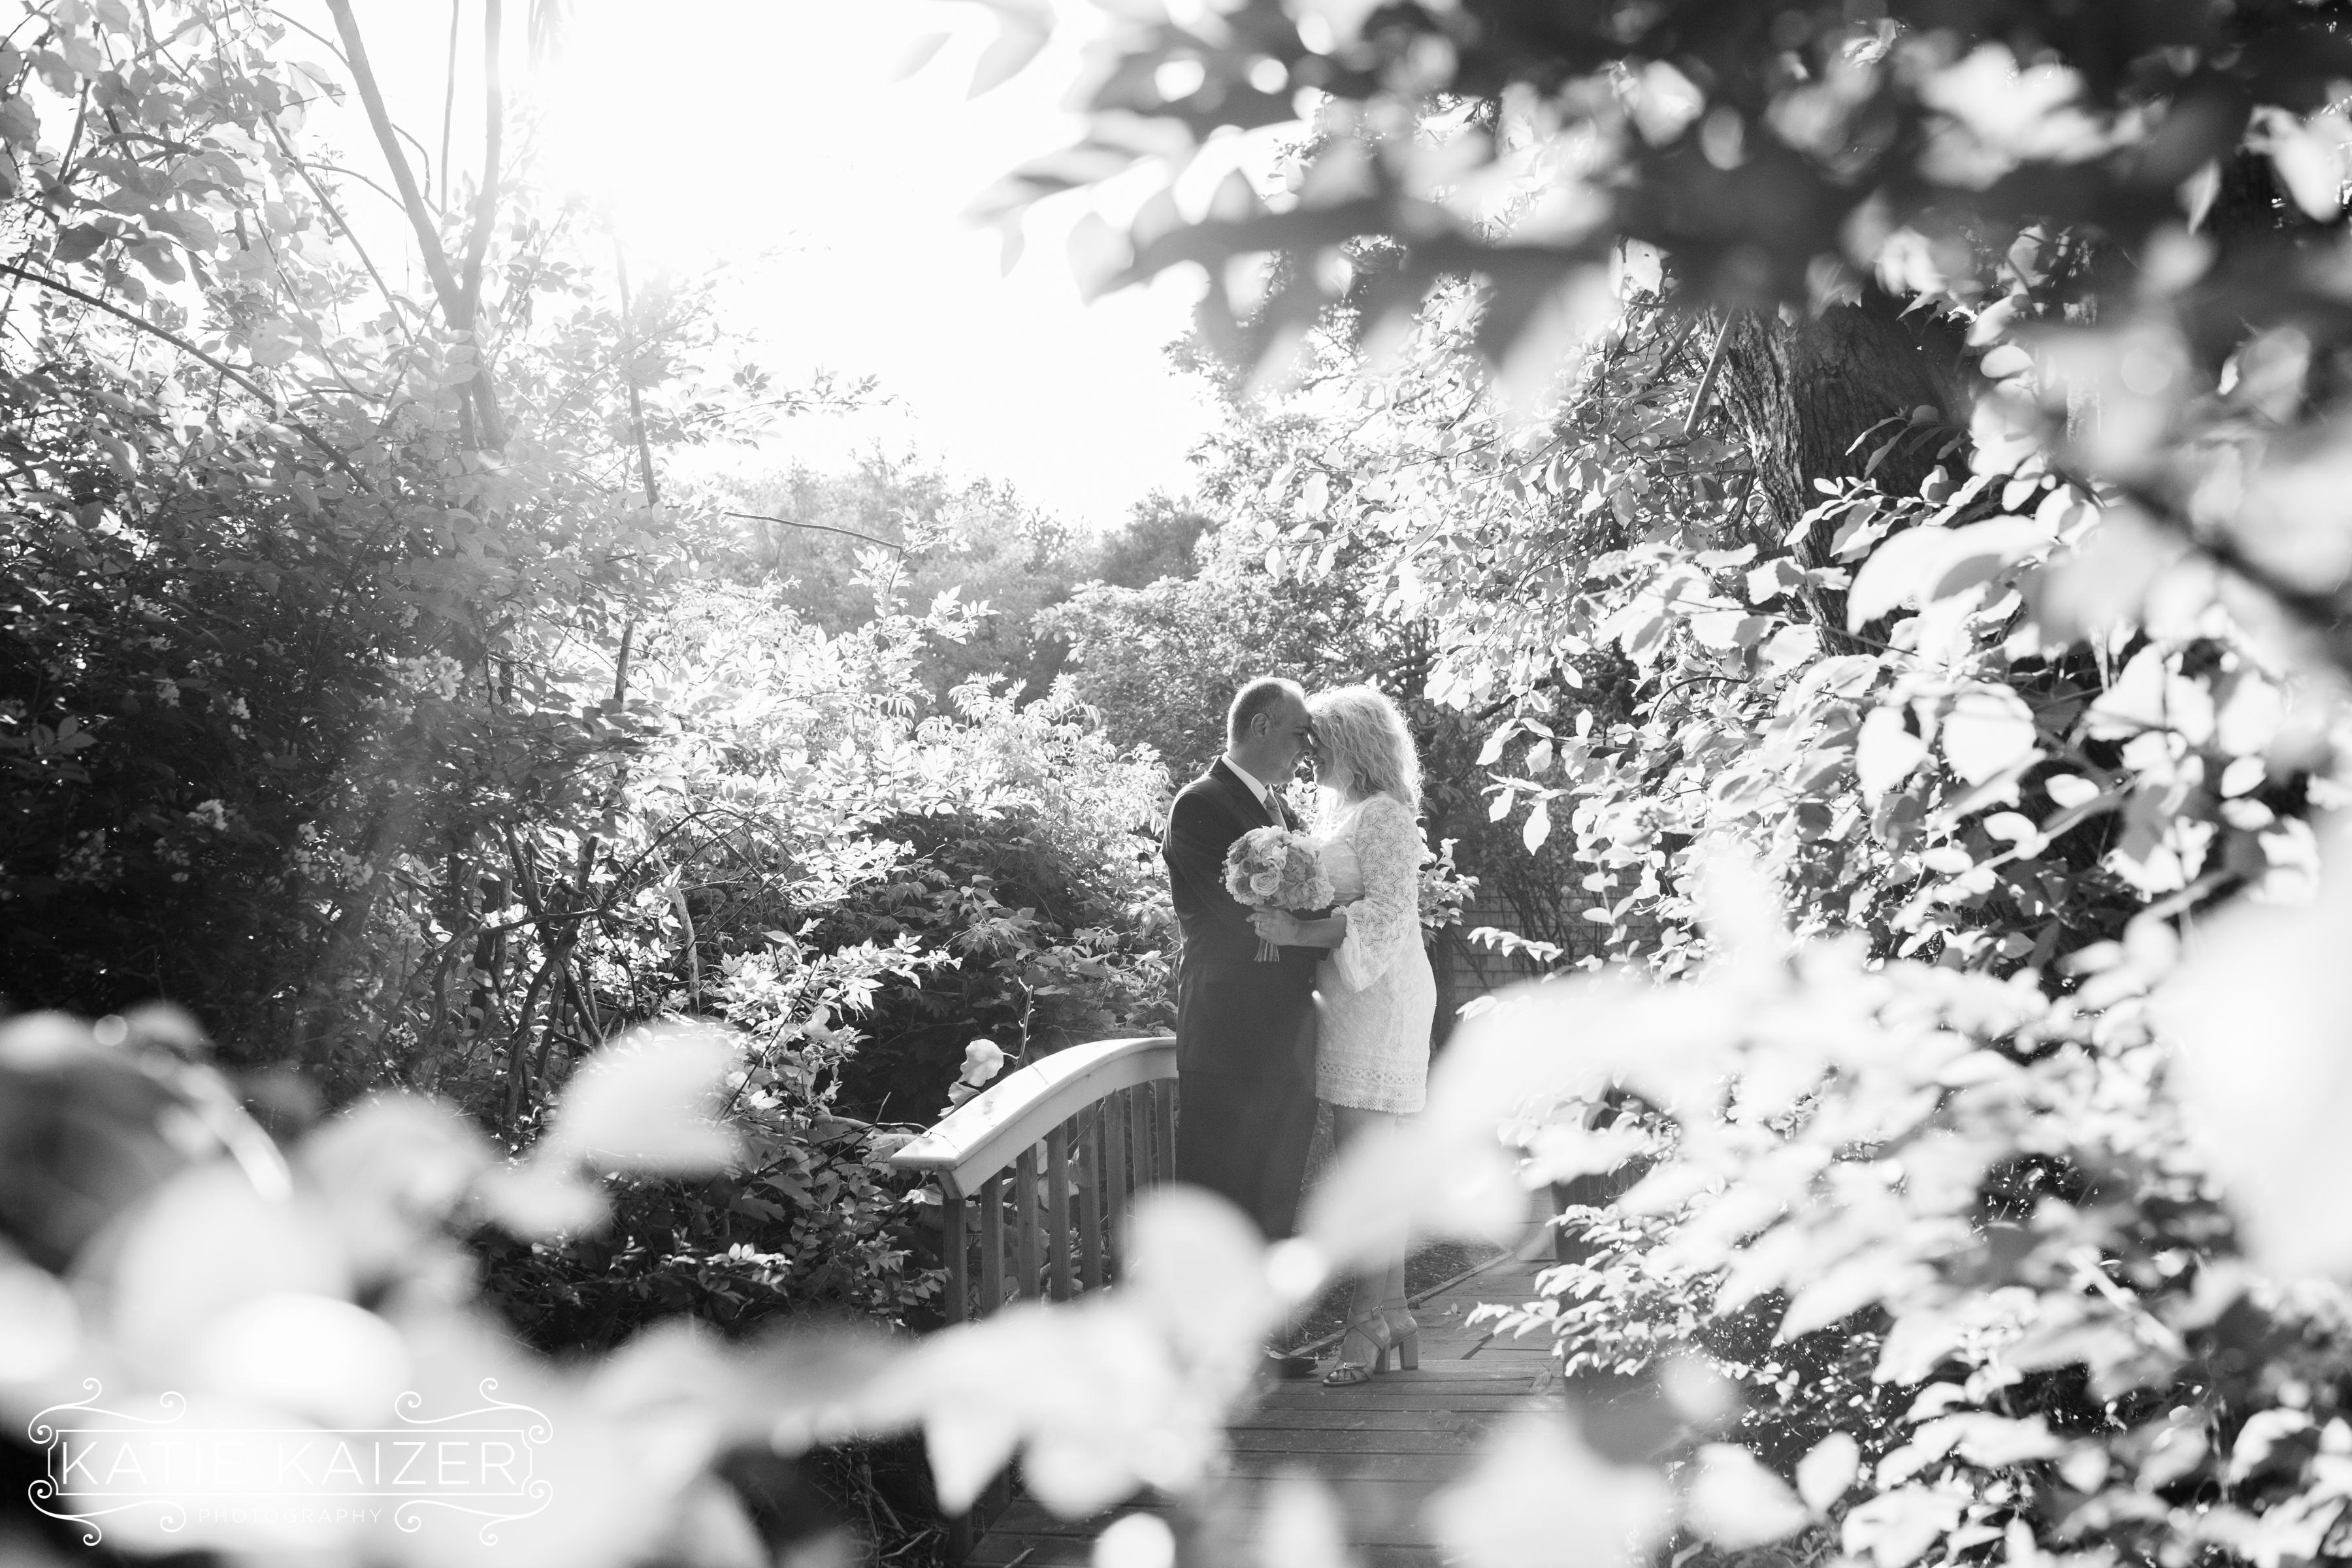 Kathleen&Russell_016_KatieKaizerPhotography